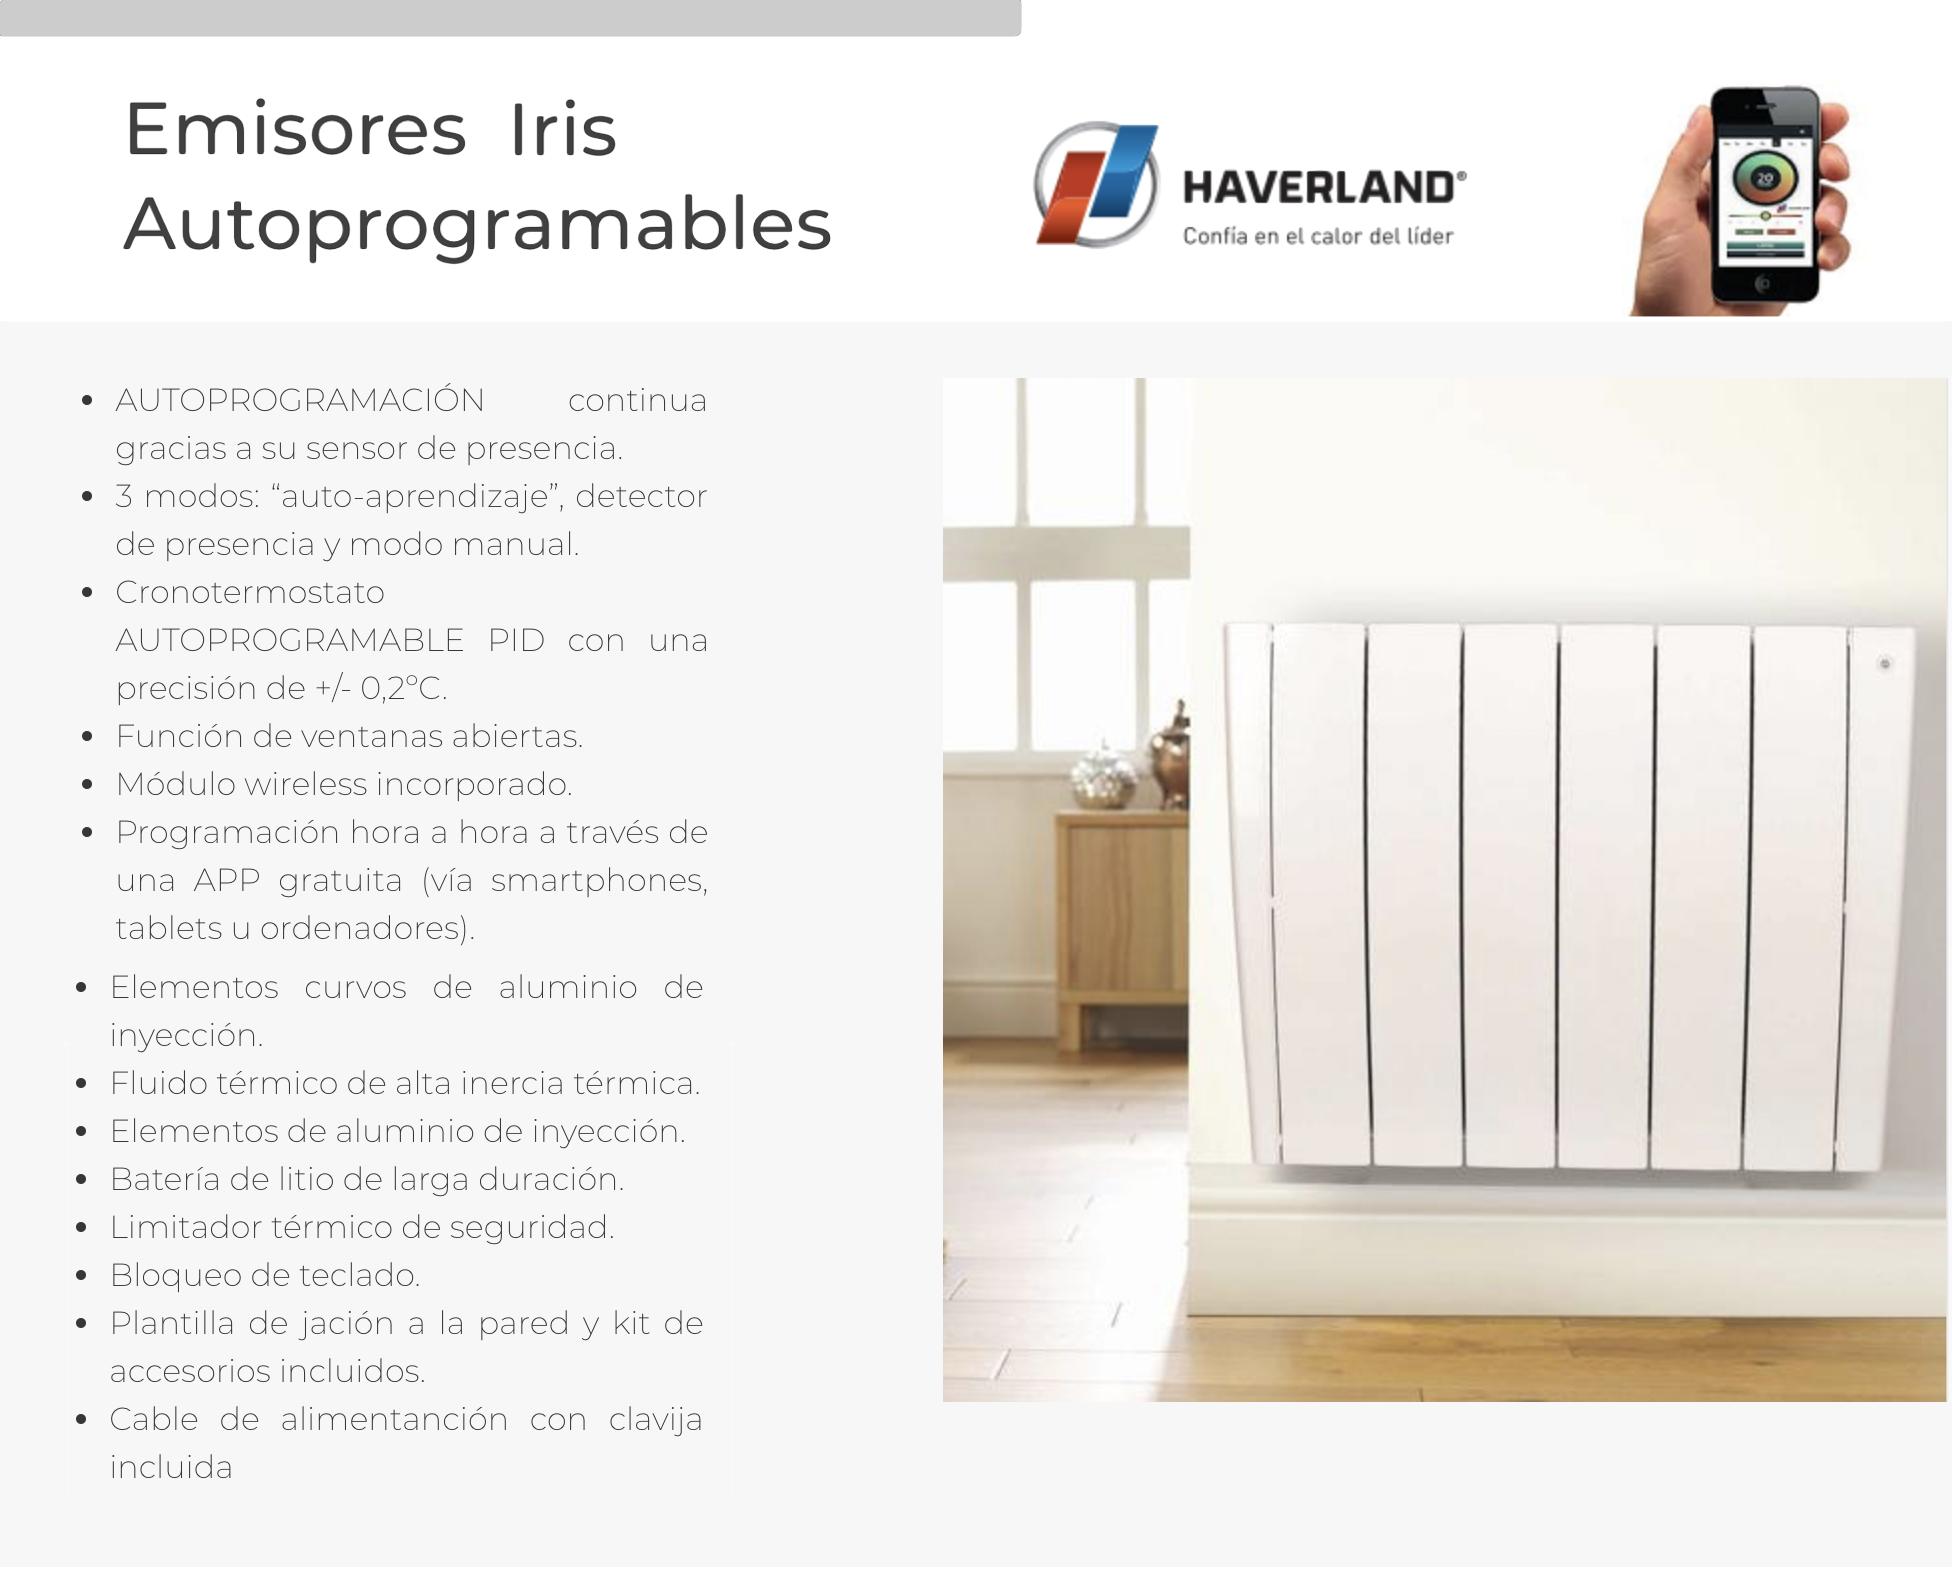 Radiadores Haverland Iris .png